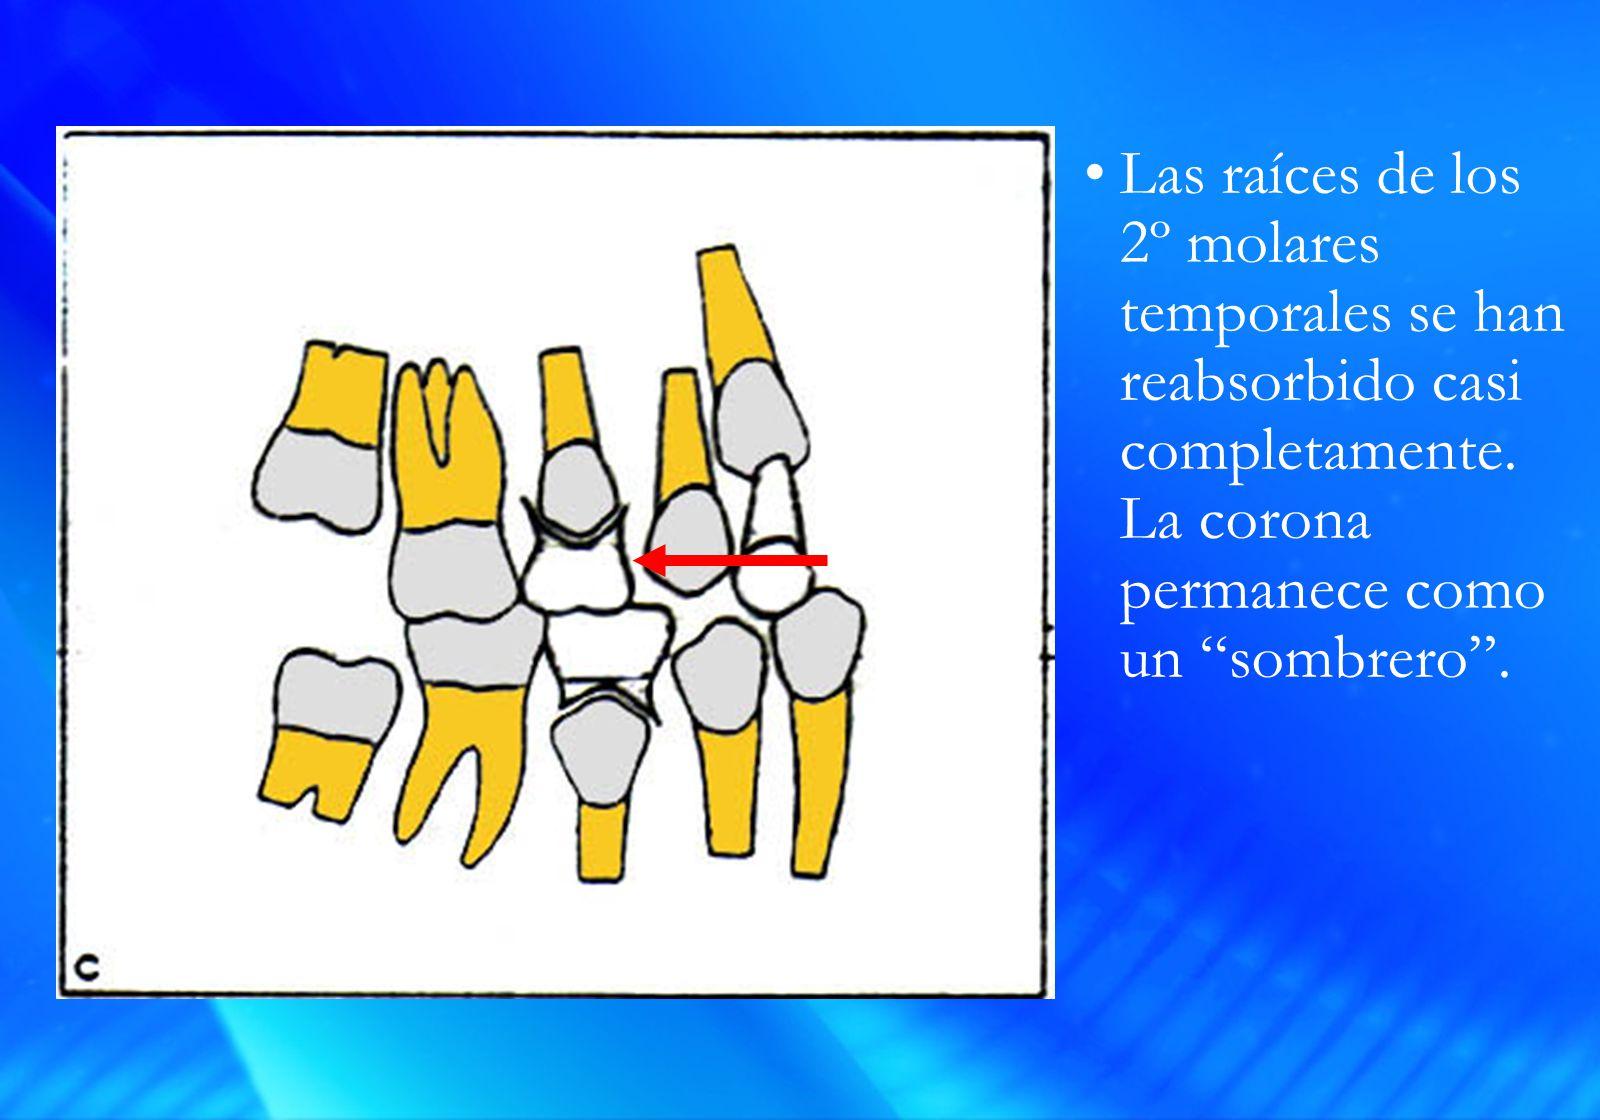 Las raíces de los 2º molares temporales se han reabsorbido casi completamente.